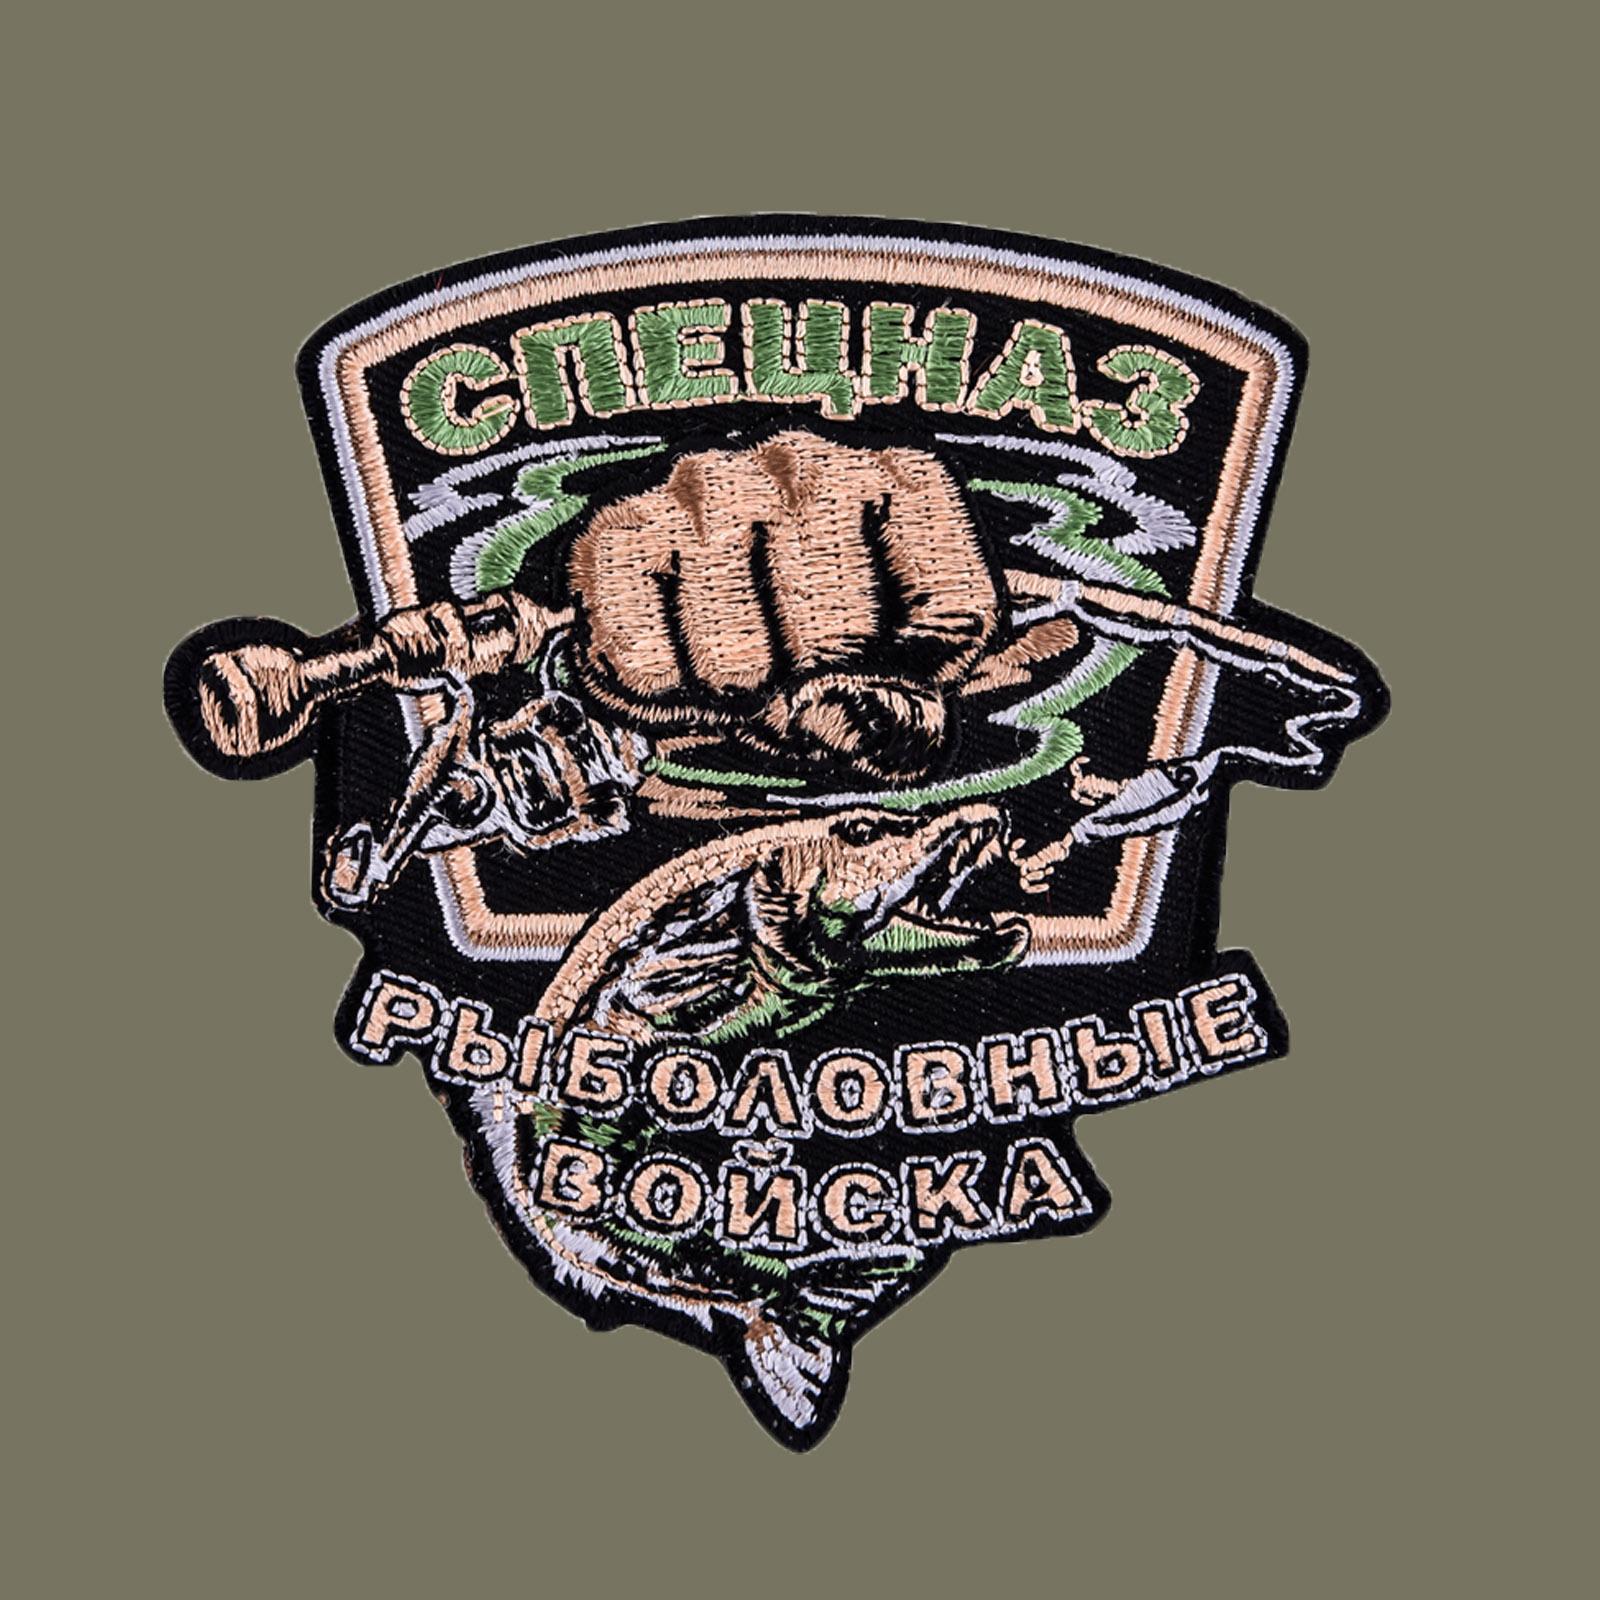 Мужская футболка с шевроном Рыболовных войск купить оптом купить в подарок